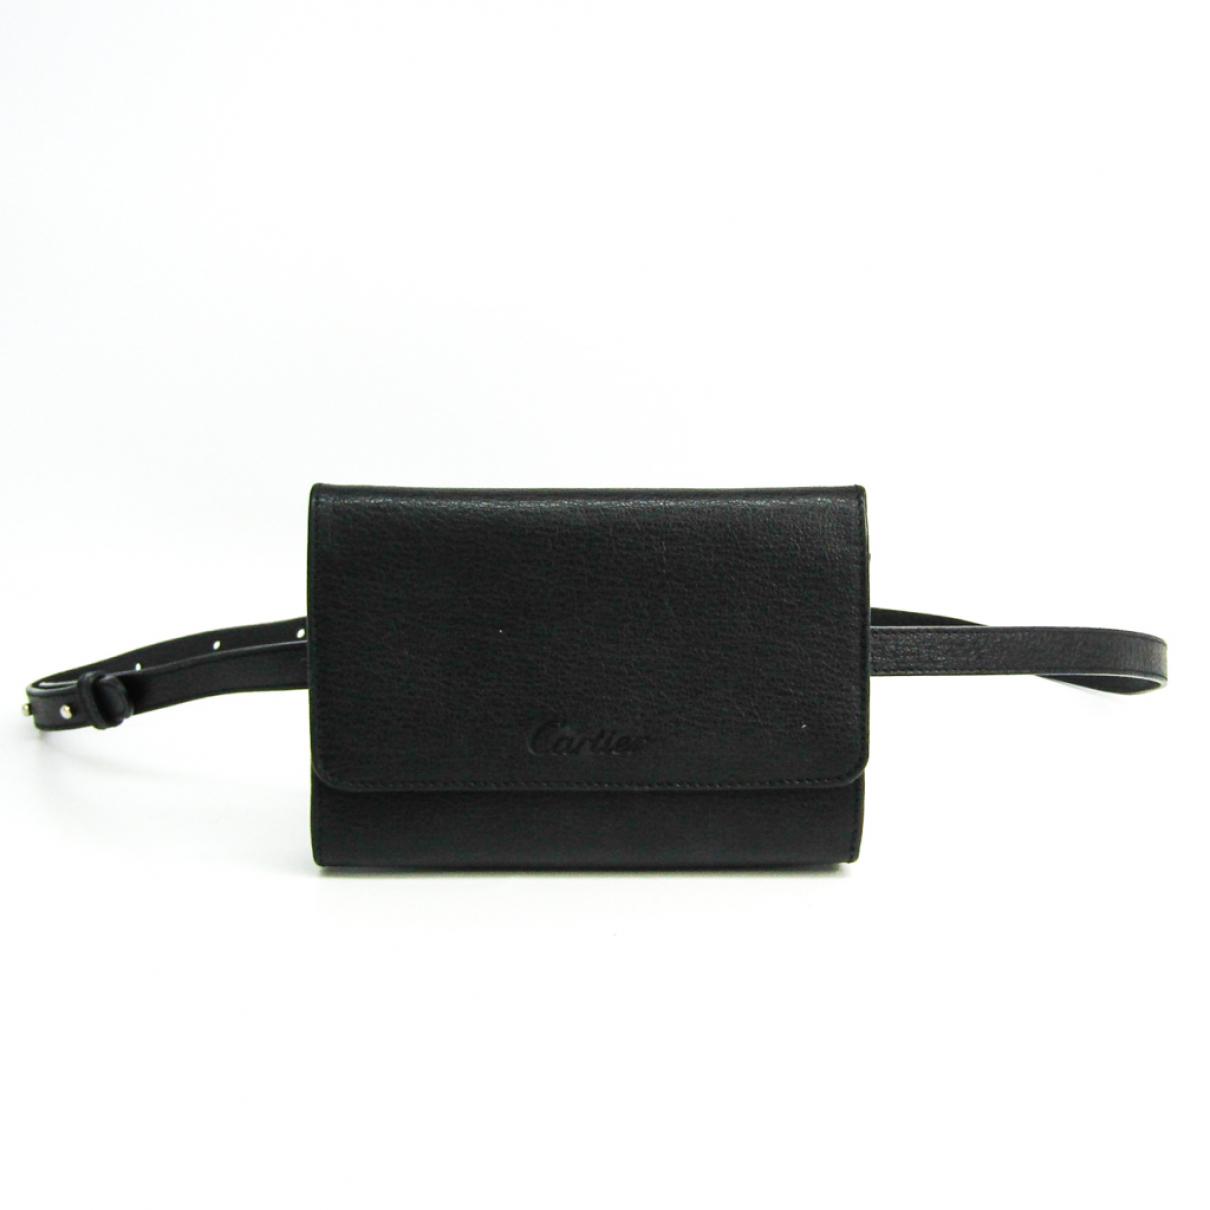 Cartier - Sac a main   pour femme en cuir - noir